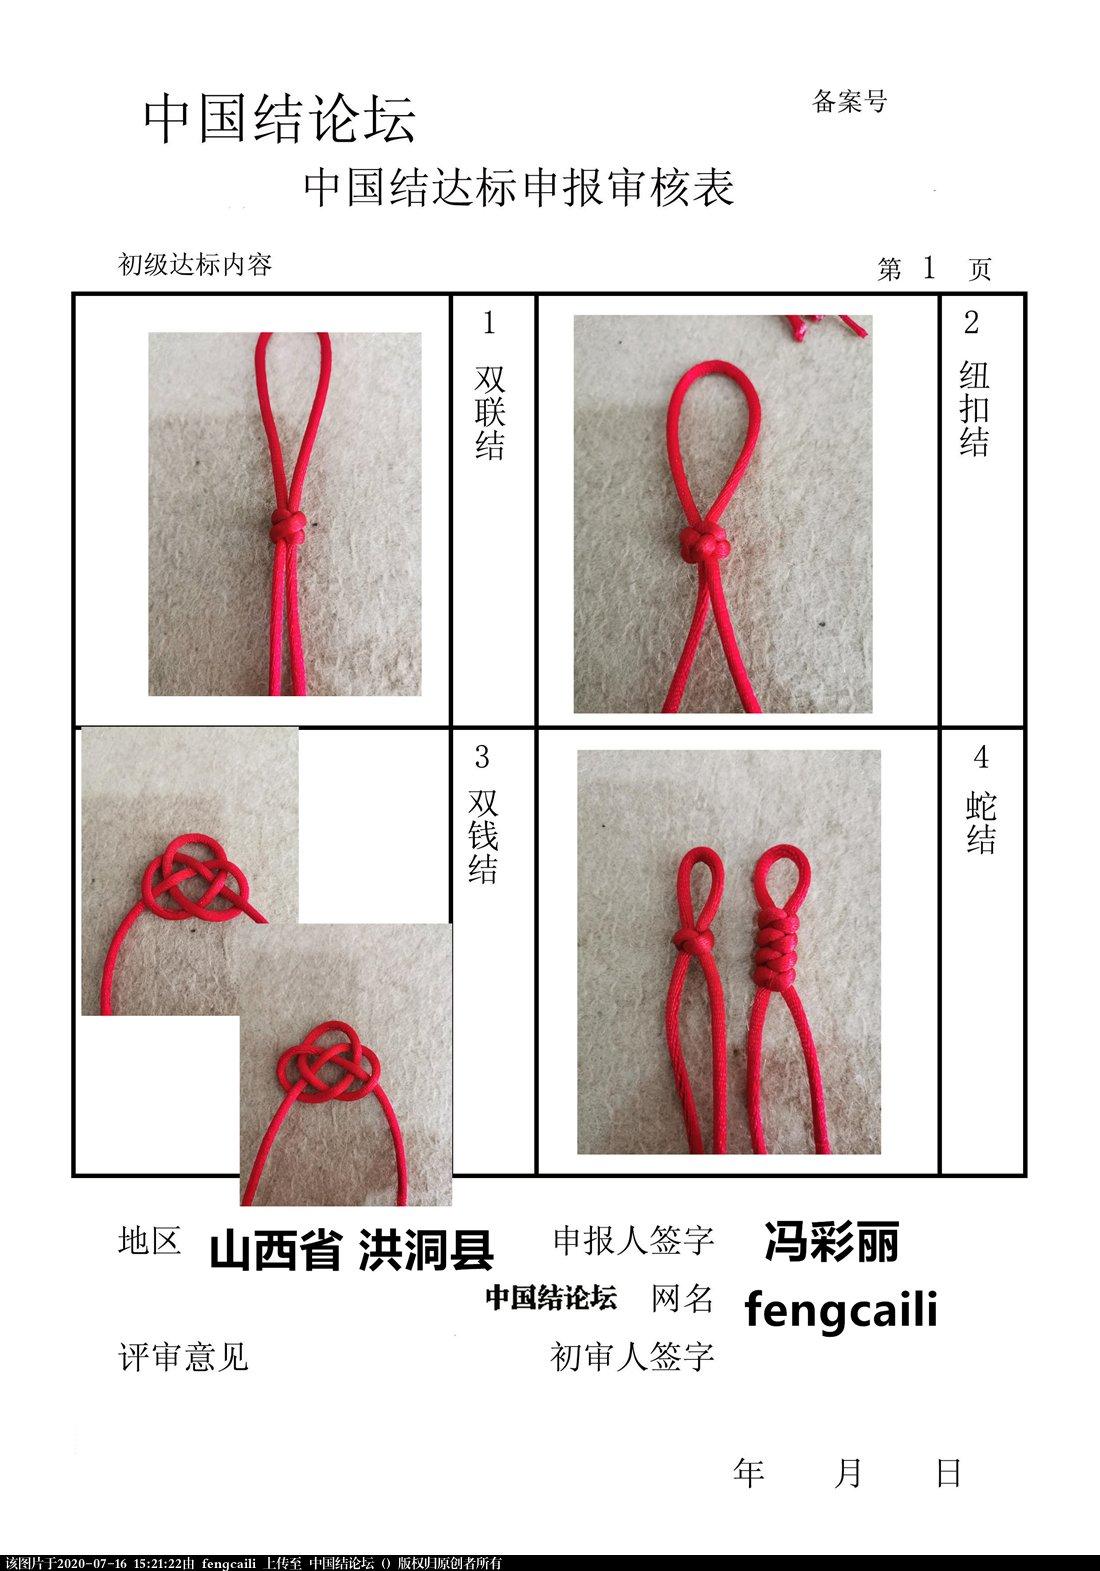 中国结论坛 fengcaili--初级达标审核稿件 安全小稿件,新闻稿件,粉彩女孩,齐鲁风采,宣传稿件 中国绳结艺术分级达标审核 151944soq11x2511f9fbfj